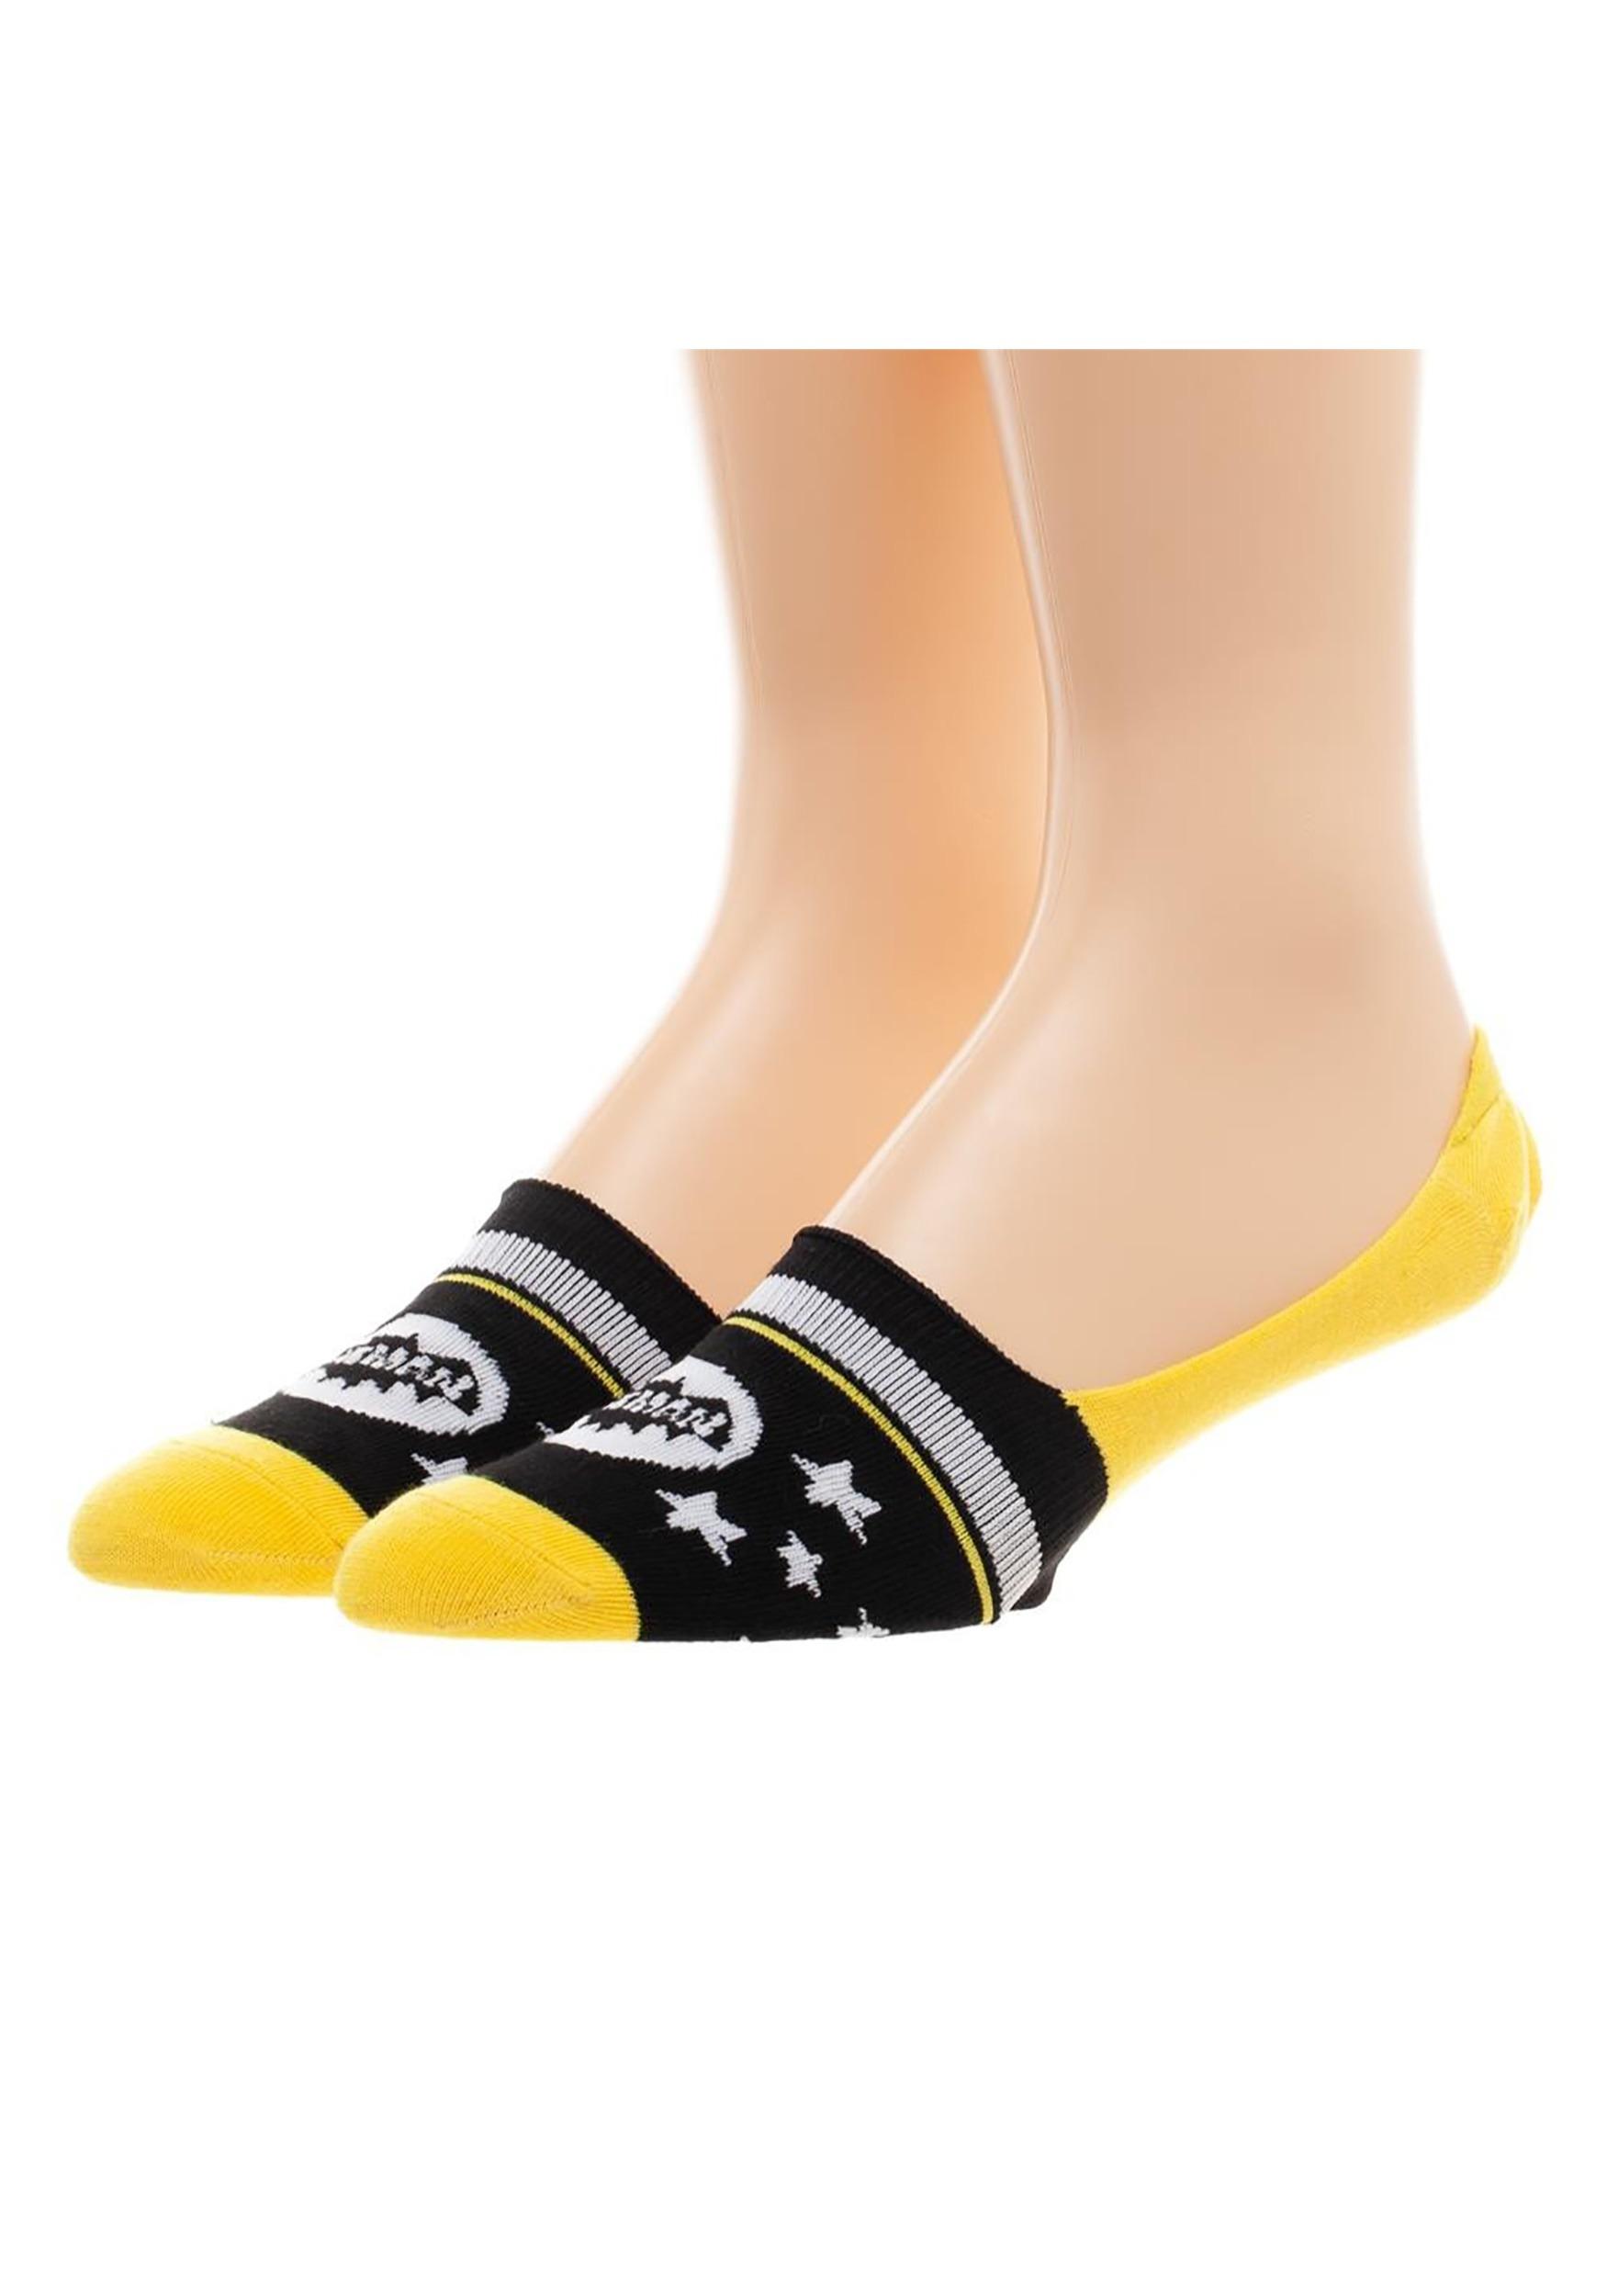 613cc9fb672 Batman Women's 2 Pack No Show Liner Socks